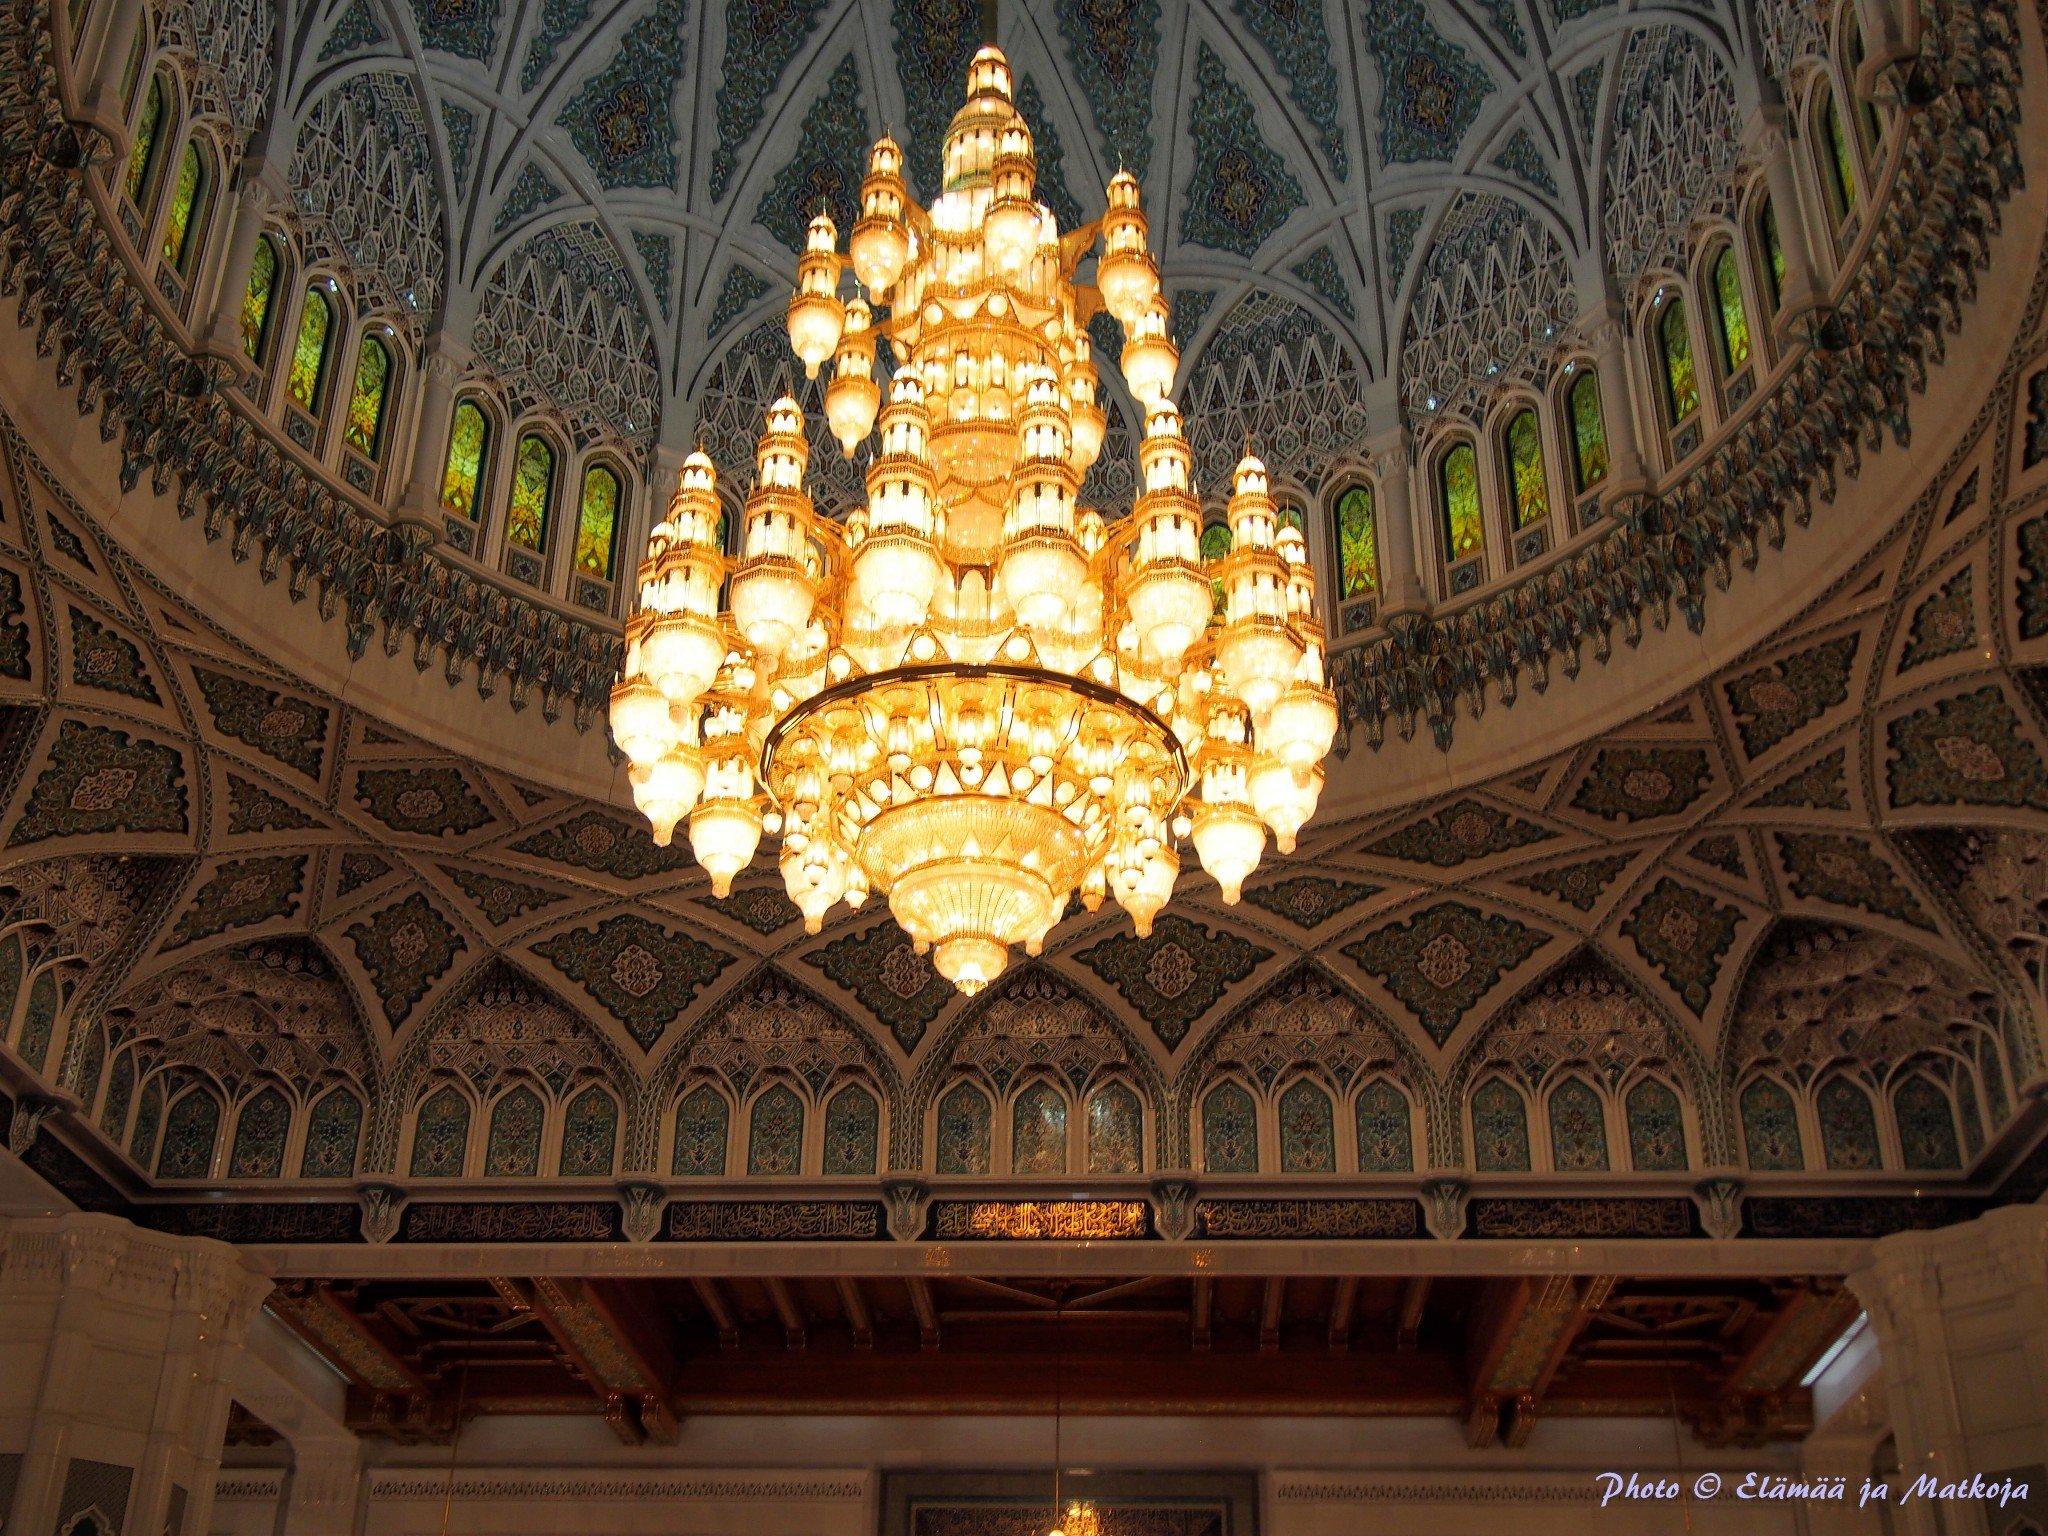 Sultan Qaboos Grand Mosque, Masqat Oman Photo © Elämää ja Matkoja